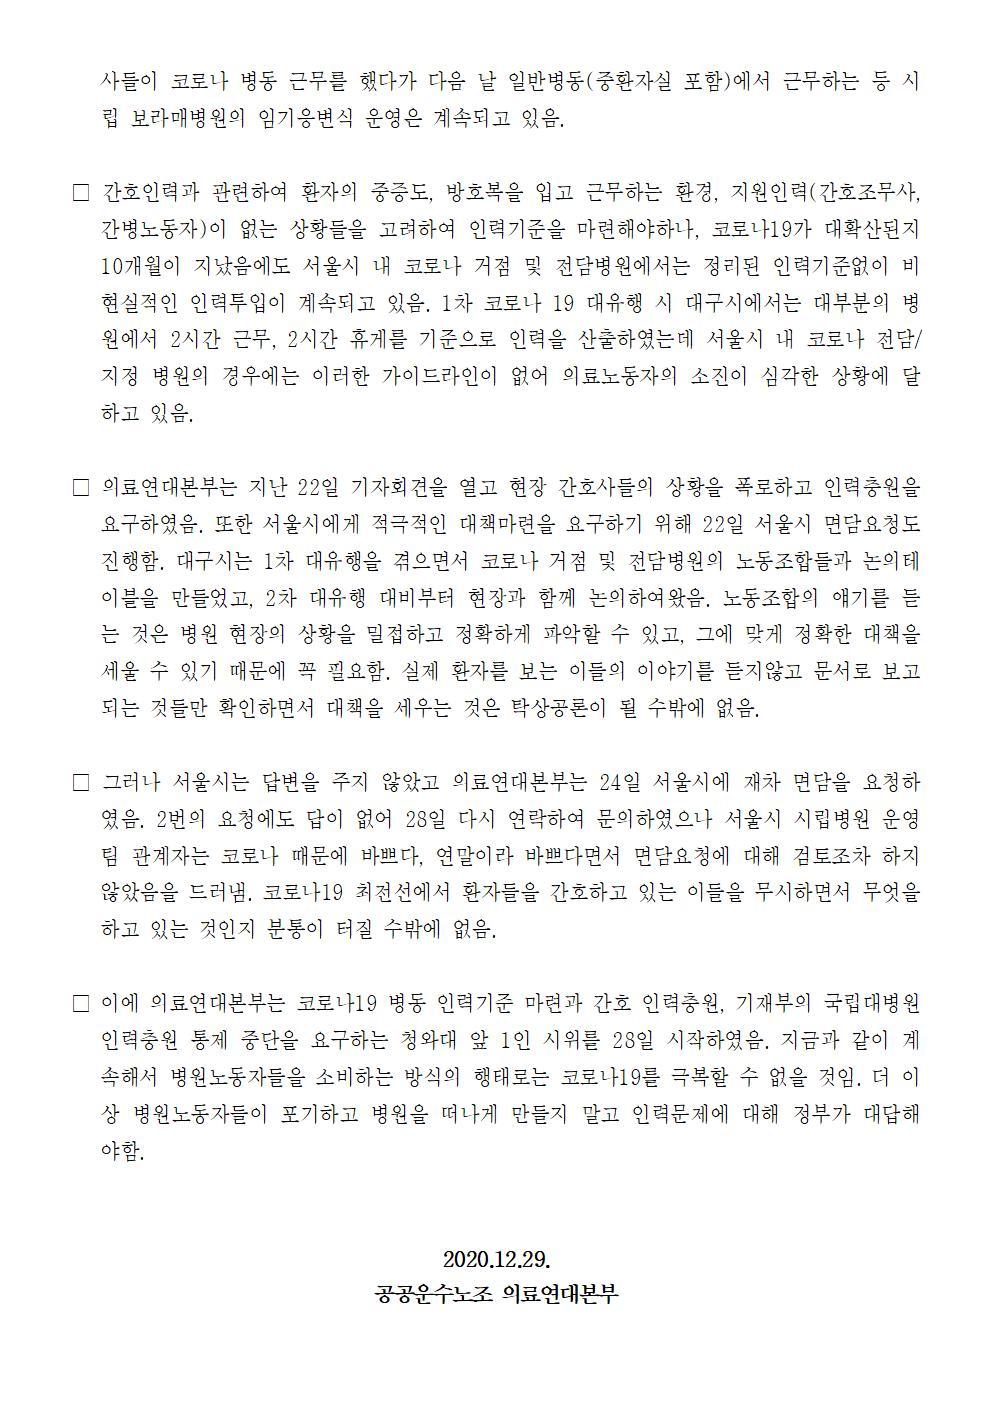 201229_보도자료_코로나19_인력대책_마련_촉구_청와대_일인시위002.jpg